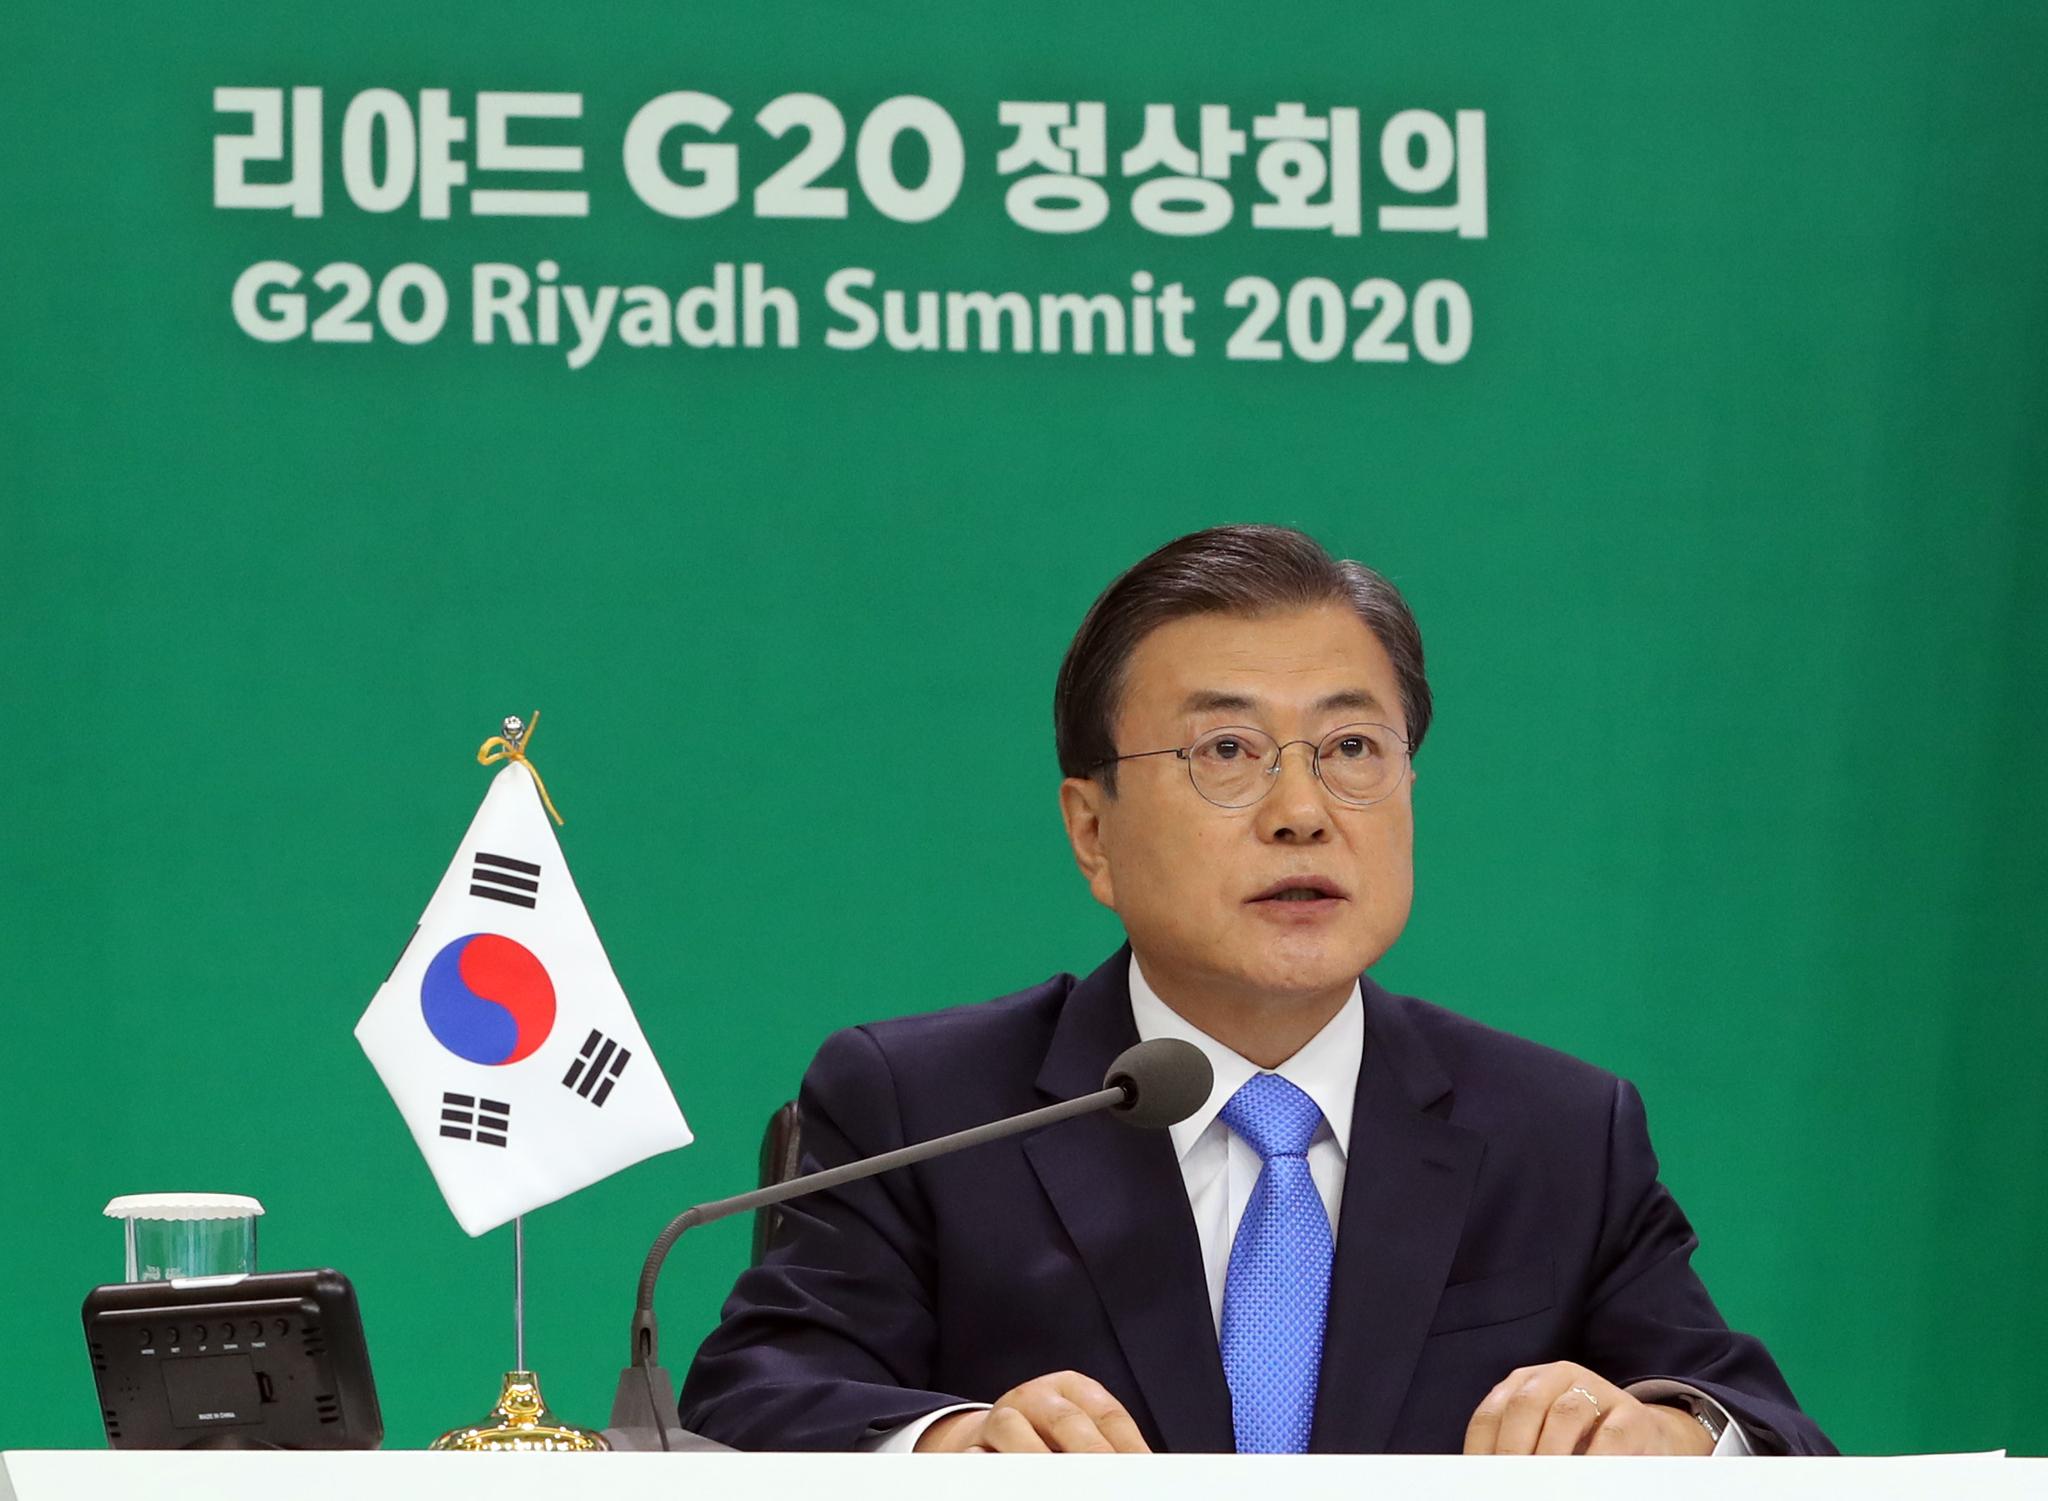 문재인 대통령이 21일 저녁 청와대에서 화상으로 열린 주요 20개국(G20) 정상회의에서 발언을 하고 있다. 청와대사진기자단